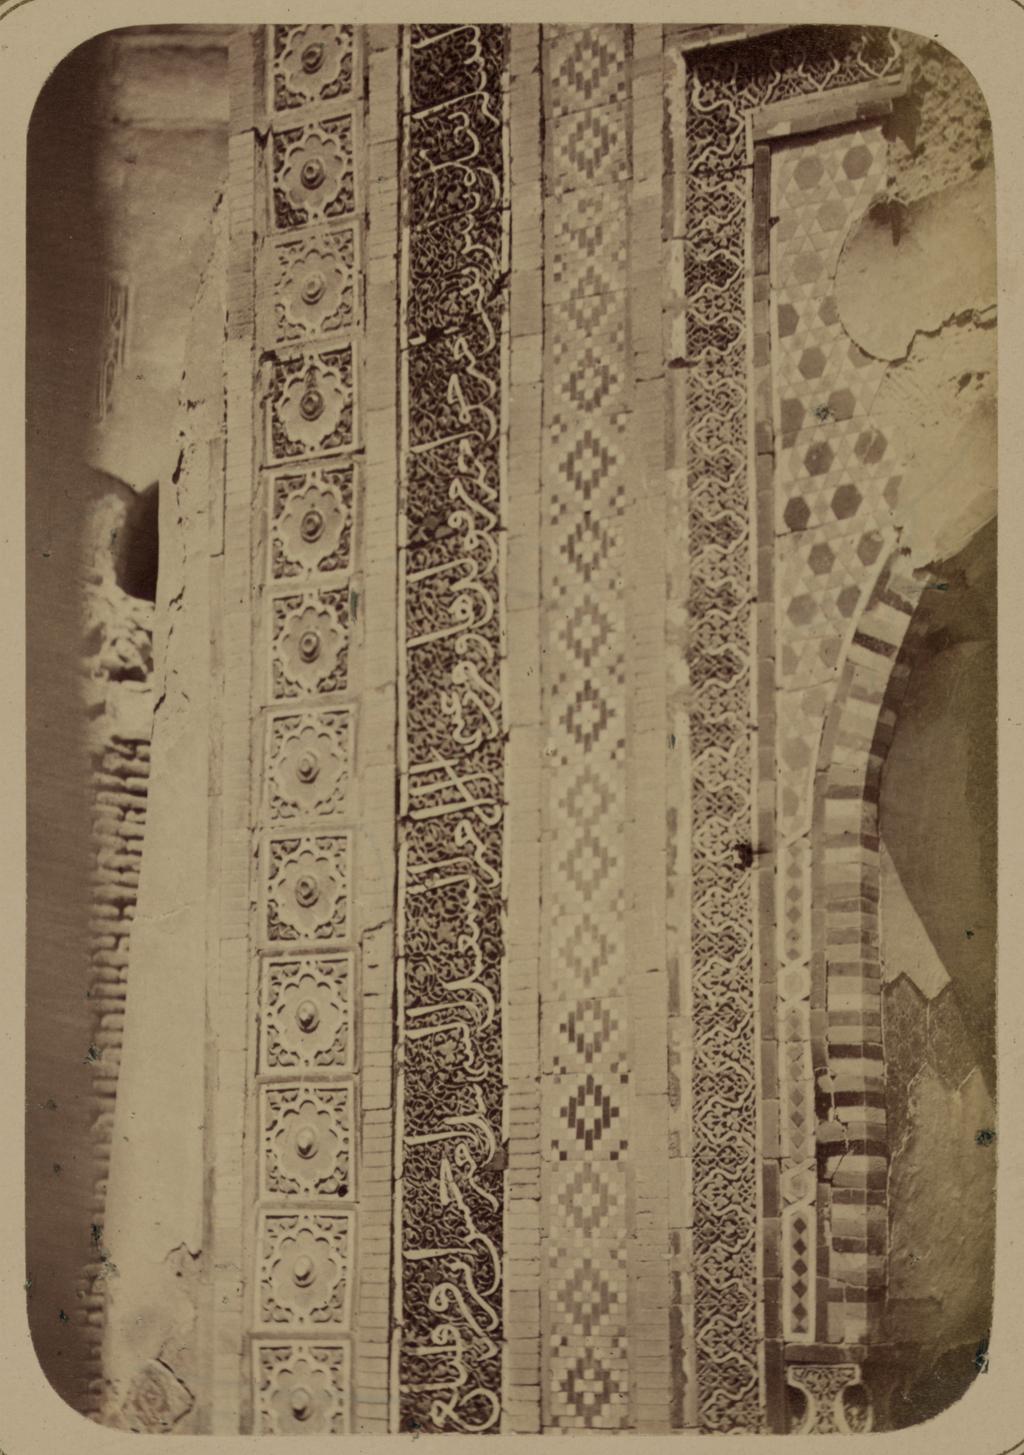 Мавзолей дочери эмира Ходжи Туглу-Текин. Надпись на нижней левой стороне фасада